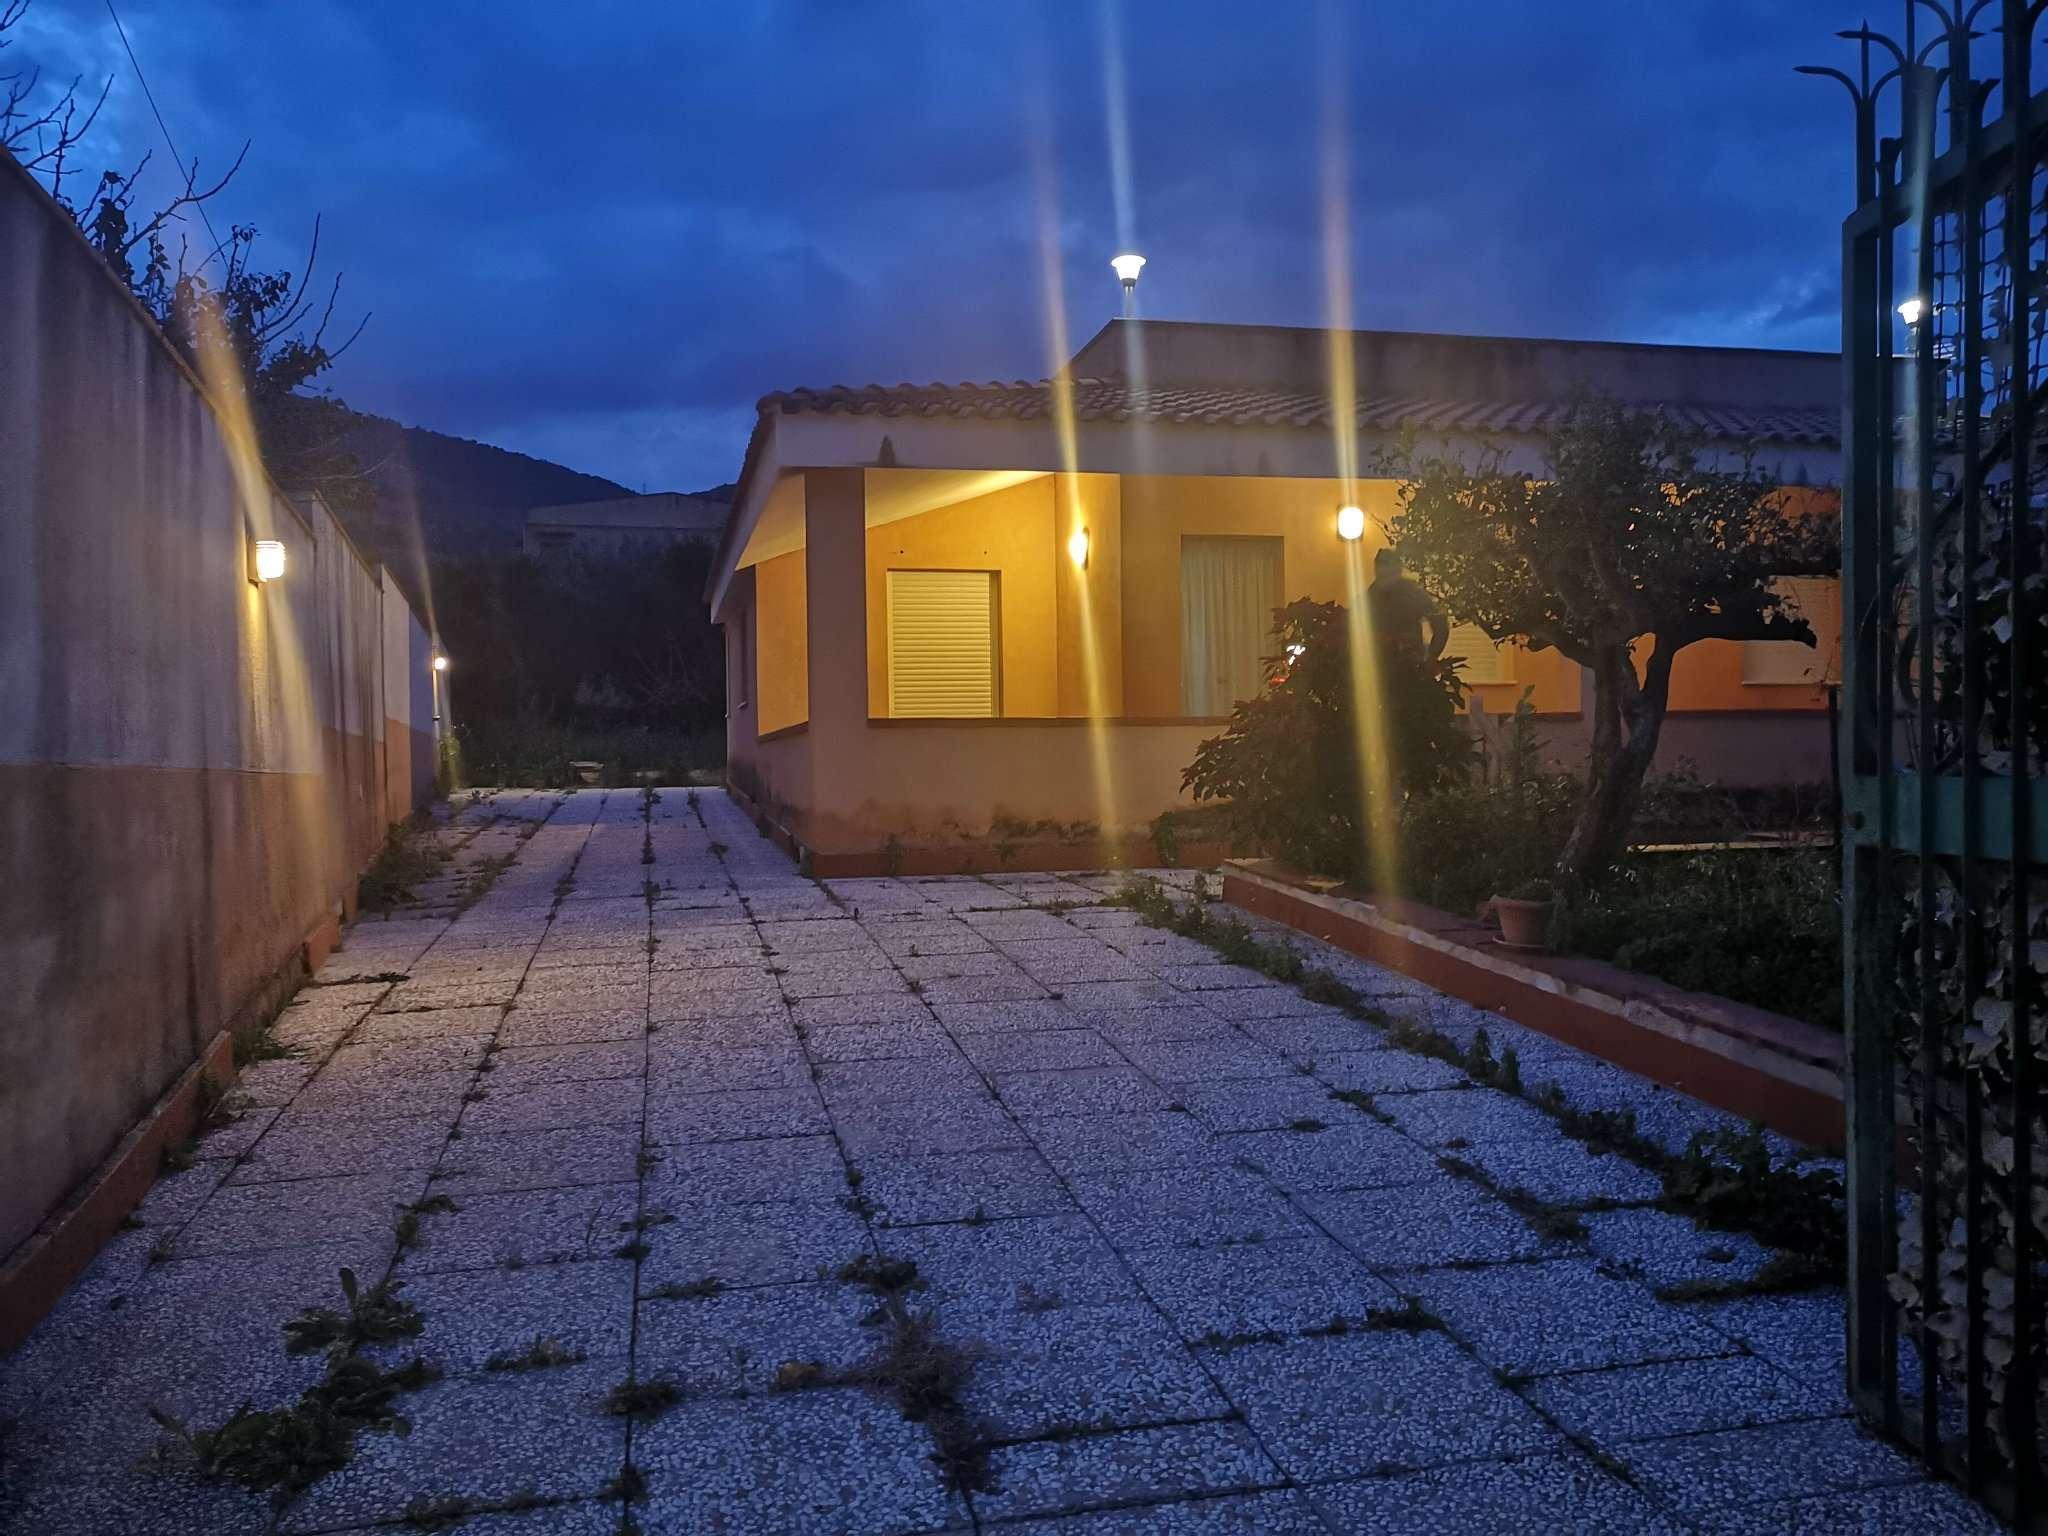 Villa in Vendita a Altavilla Milicia: 4 locali, 120 mq